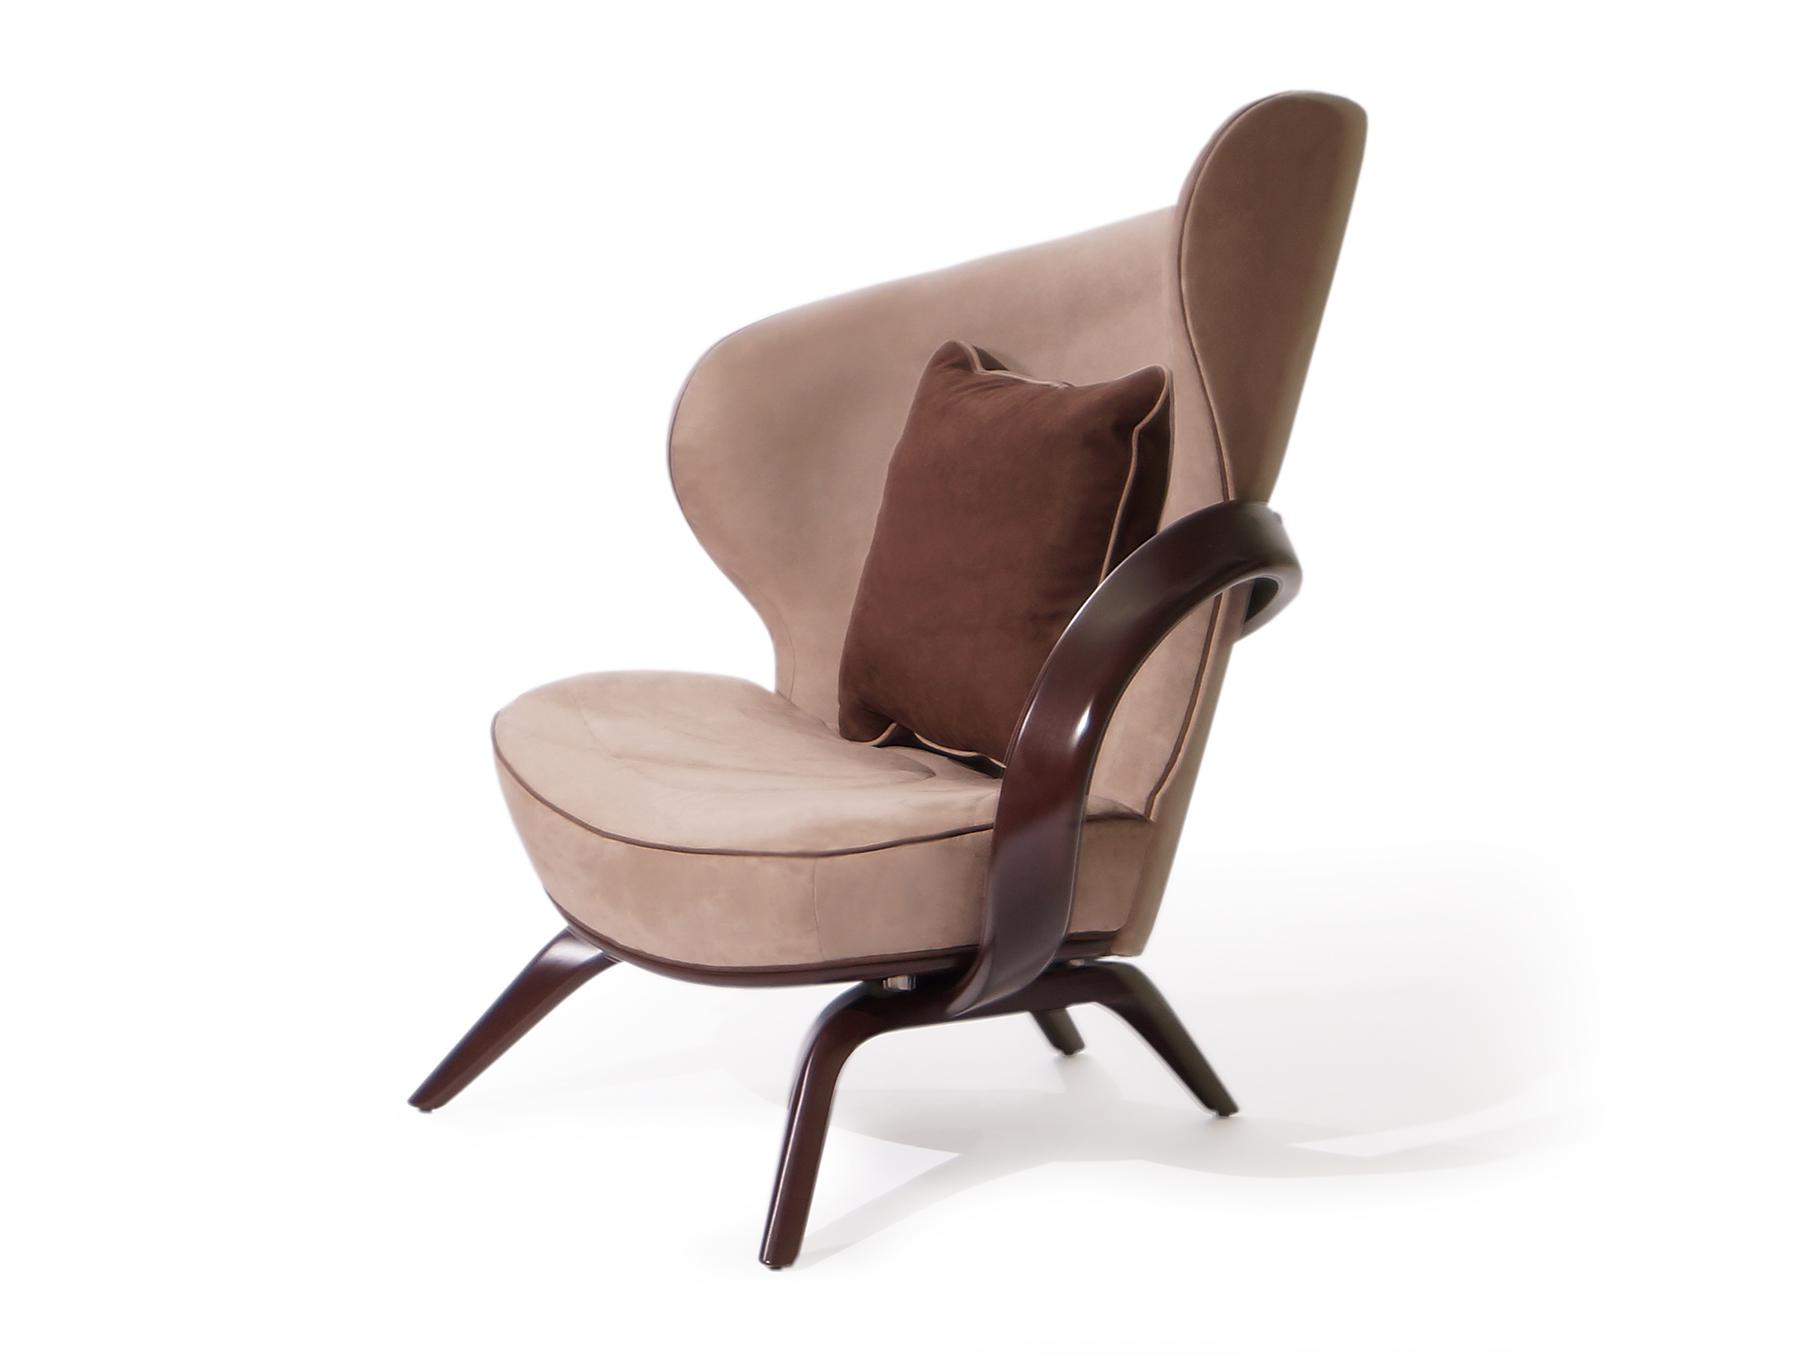 Кресло Apriori АИнтерьерные кресла<br>&amp;lt;div&amp;gt;Дизайнерское кресло из асимметричной коллекции.&amp;amp;nbsp;&amp;lt;/div&amp;gt;&amp;lt;div&amp;gt;&amp;lt;br&amp;gt;&amp;lt;/div&amp;gt;&amp;lt;div&amp;gt;Материал: натуральное дерево береза, 10 вариантов тонировок.&amp;amp;nbsp;&amp;lt;/div&amp;gt;&amp;lt;div&amp;gt;Обивка: износостойкая ткань коллекции sensation (6 оттенков).&amp;lt;/div&amp;gt;<br><br>Material: Текстиль<br>Ширина см: 110<br>Высота см: 95<br>Глубина см: 95